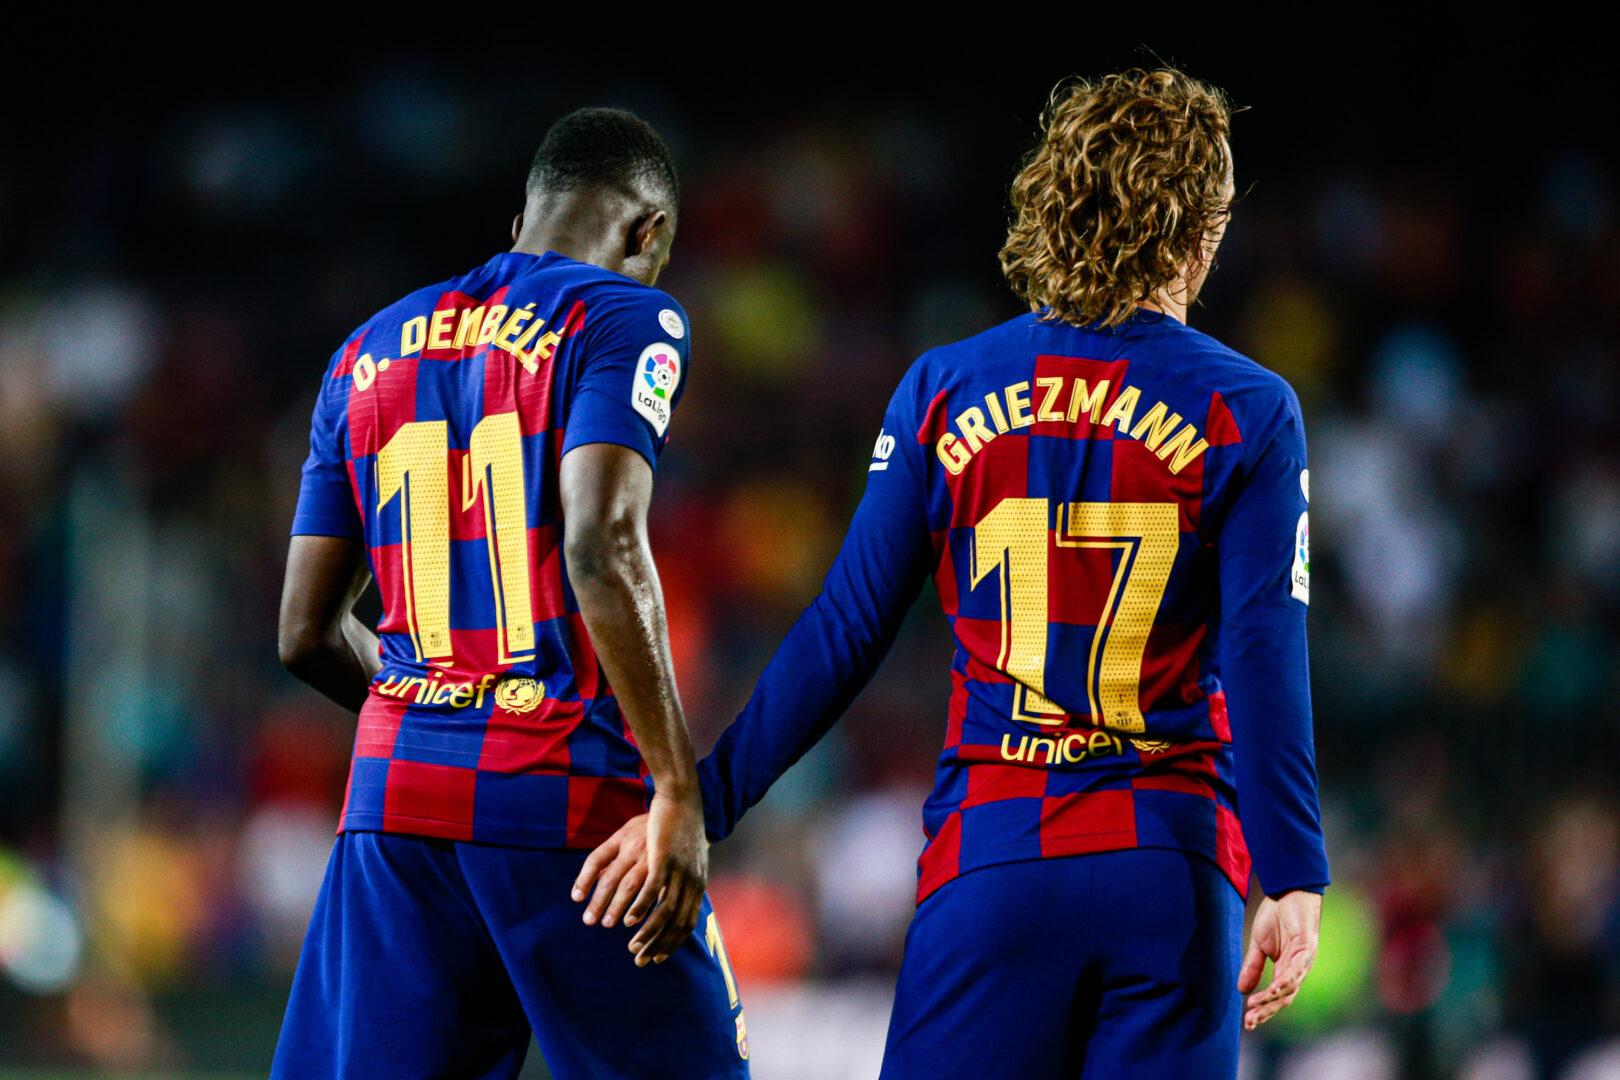 Rassismus-Eklat um Dembélé & Griezmann: FC Barcelona kündigt Konsequenzen an